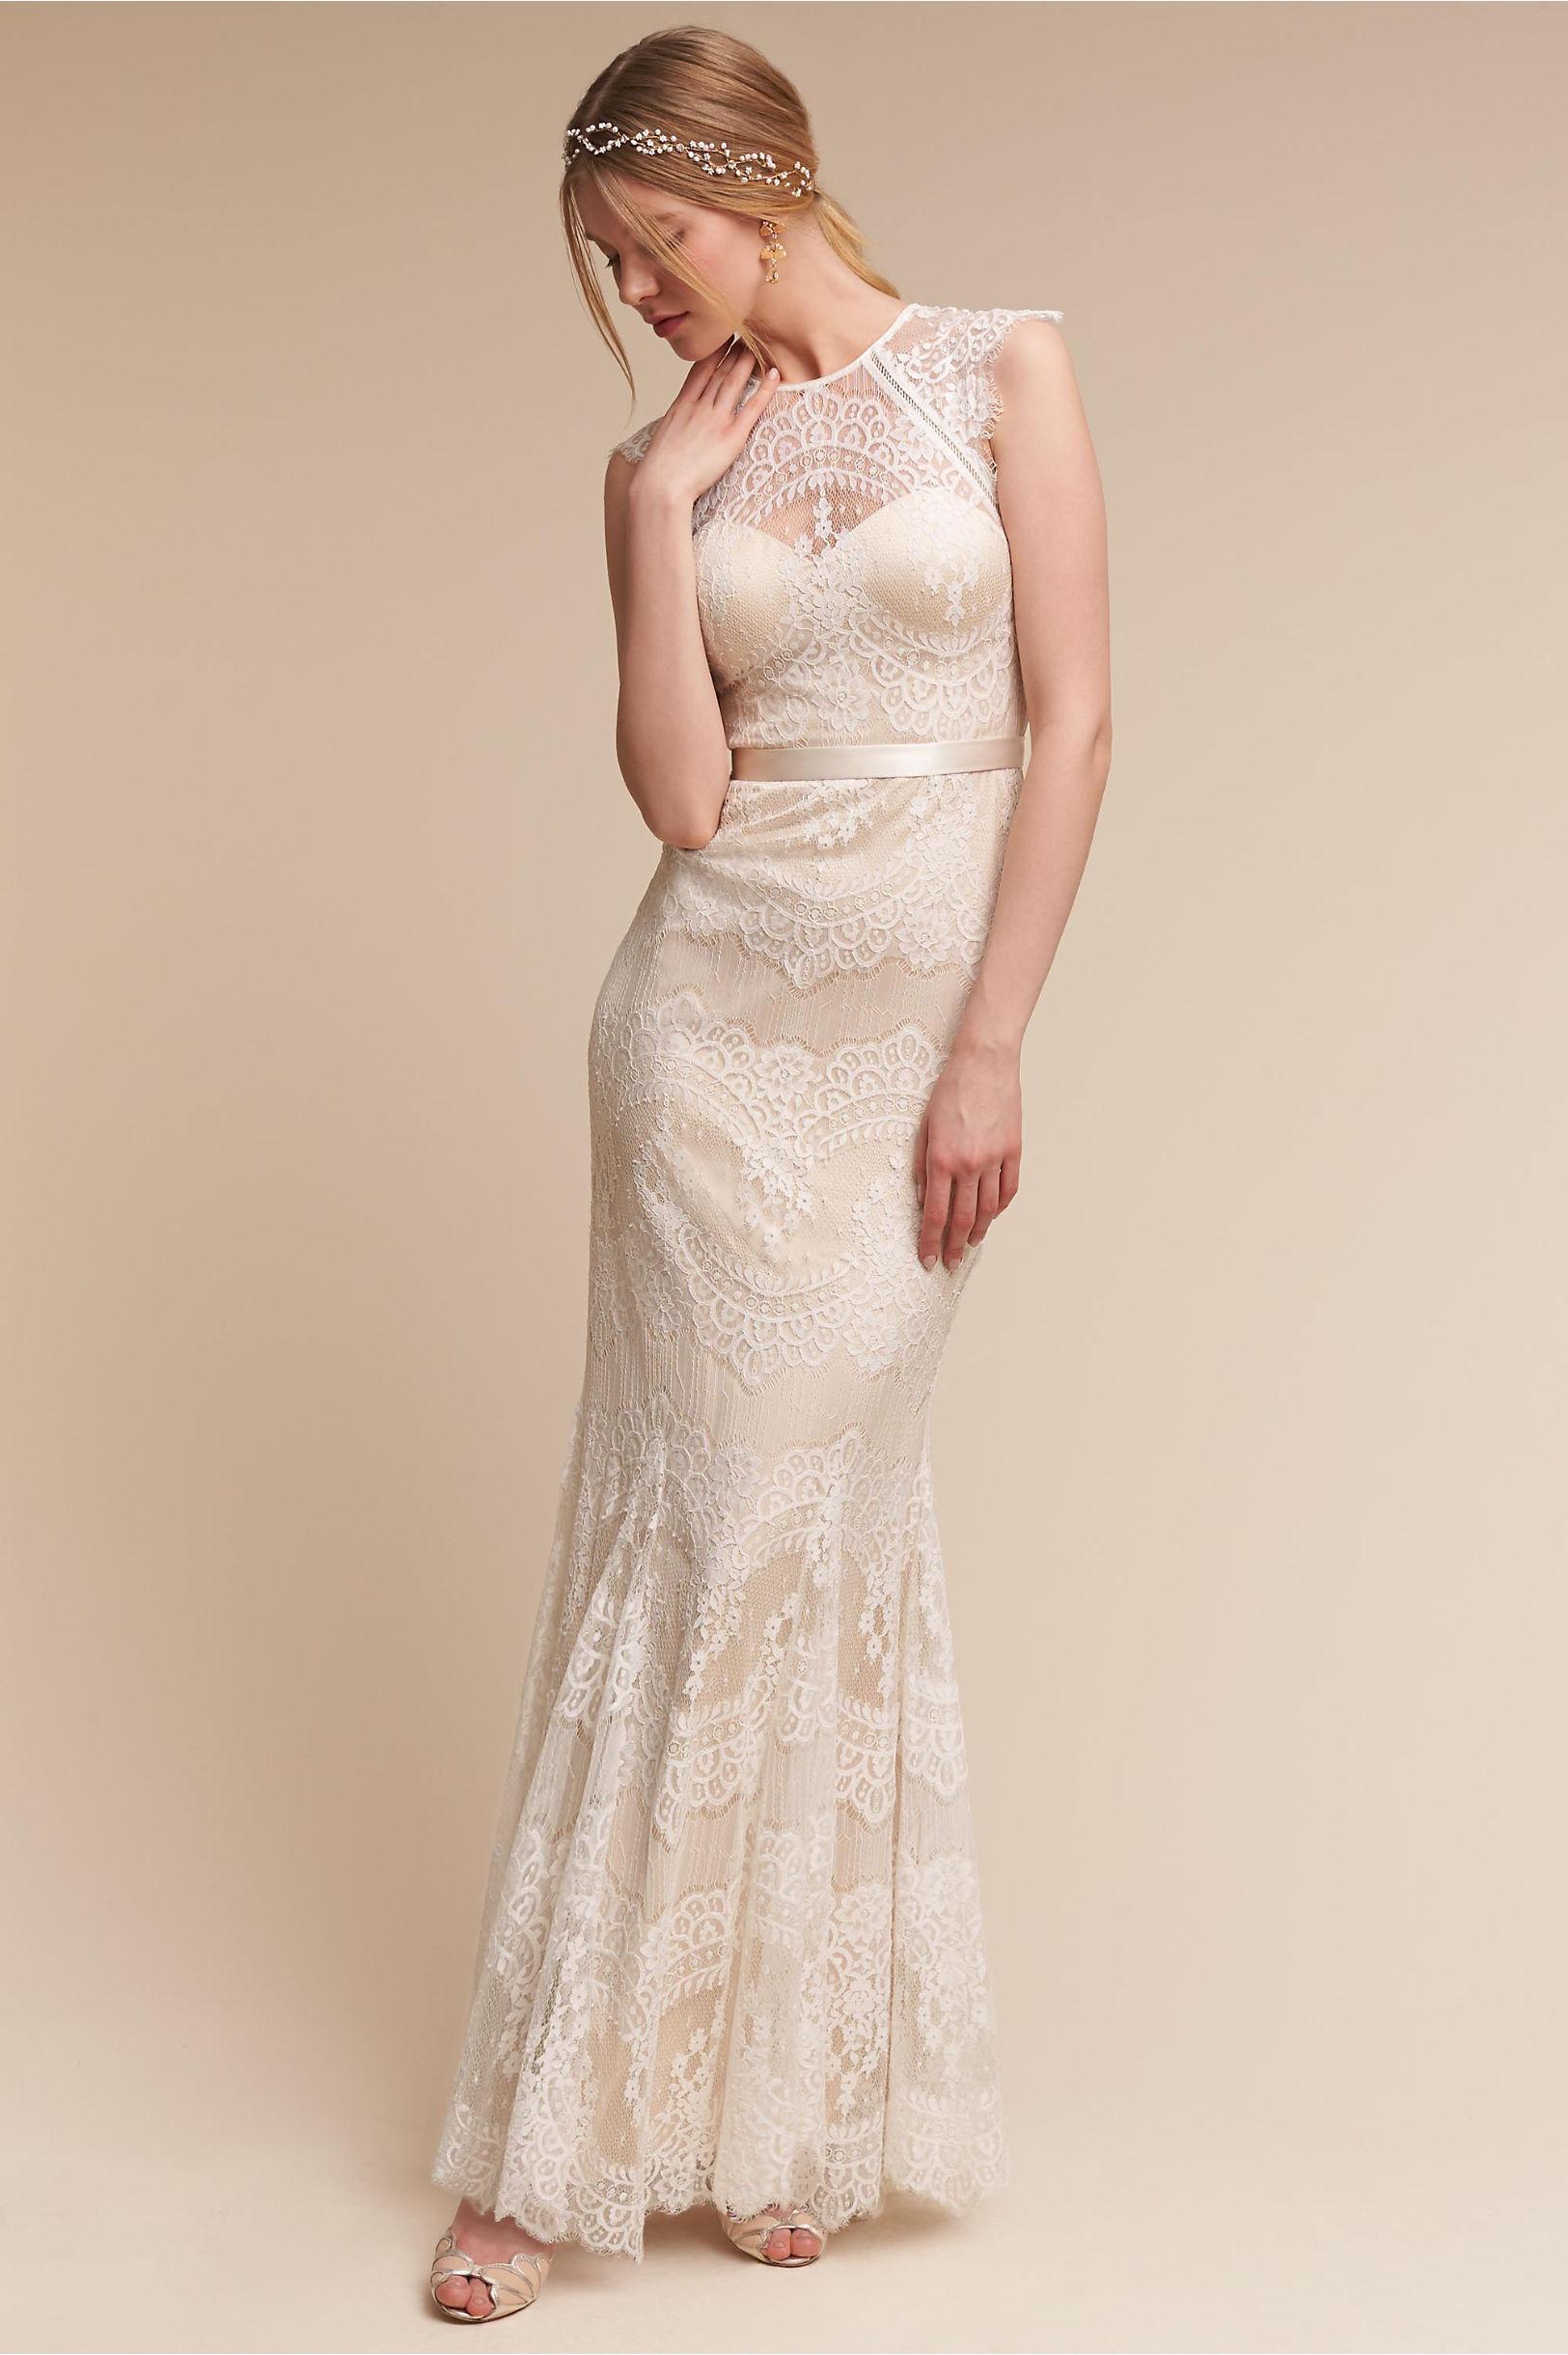 Brautkleider Vintage 19: Das sind die 19 schönsten